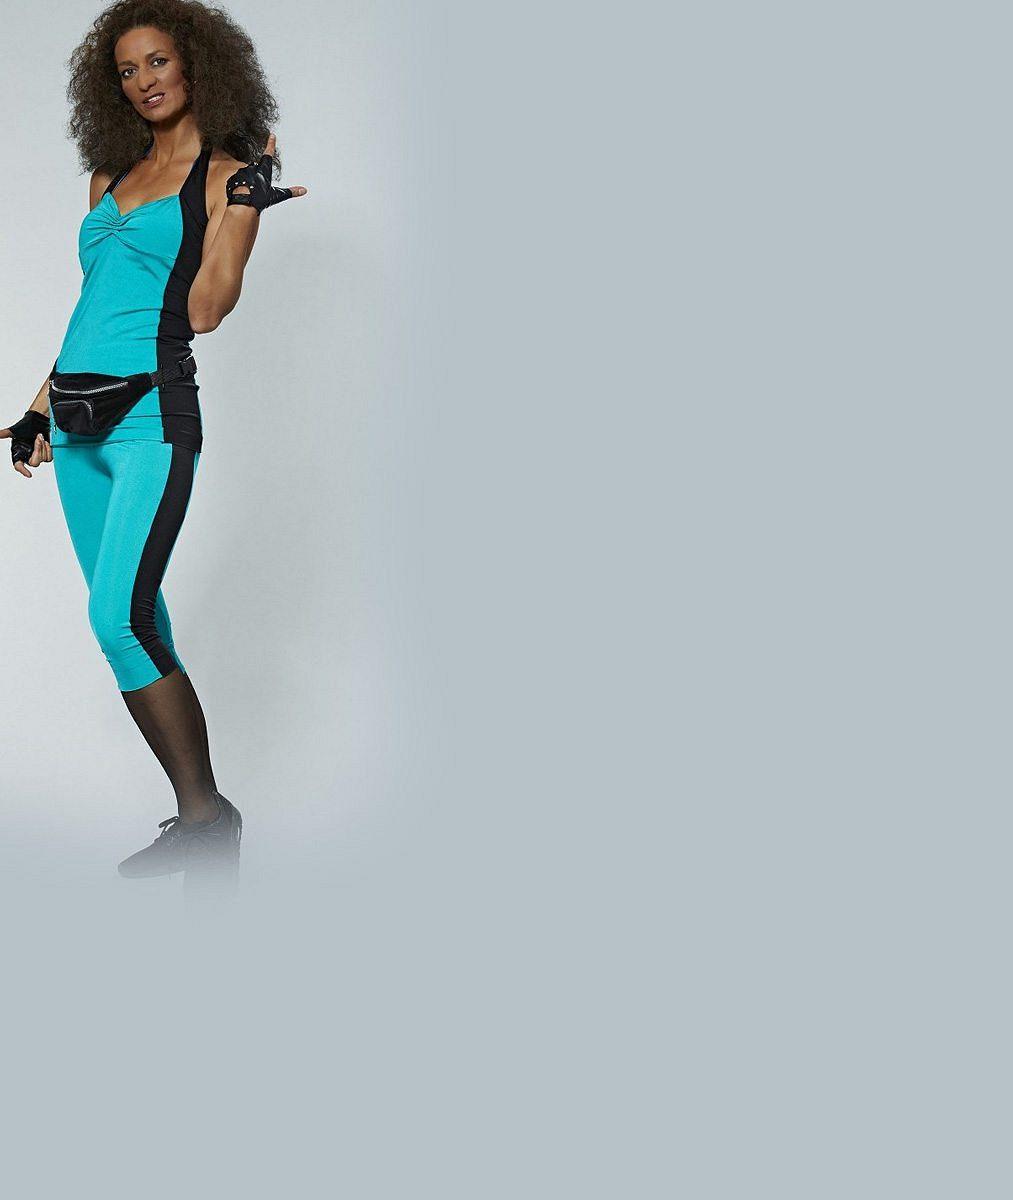 Barva půjčená, ale svaly vlastní: Adéla Gondíková v Tváři zapojila bicáky. A že je co ukázat!